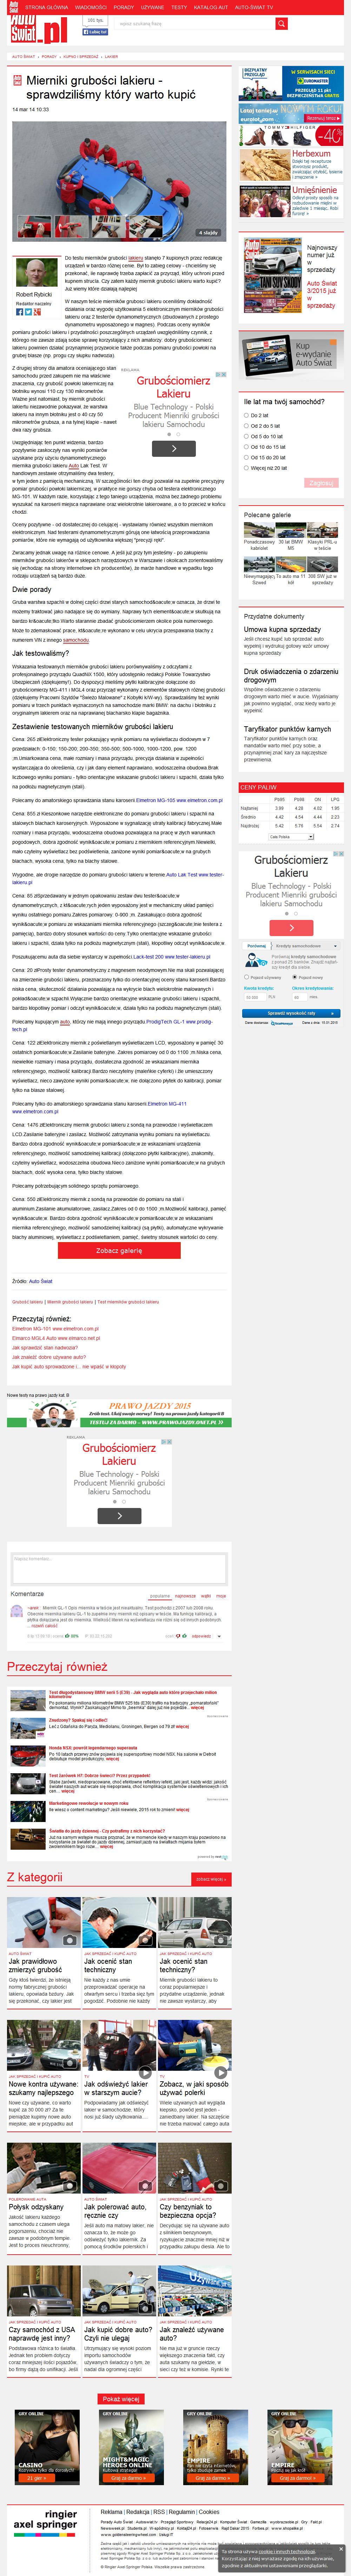 Amatorzy sportu iii online dating